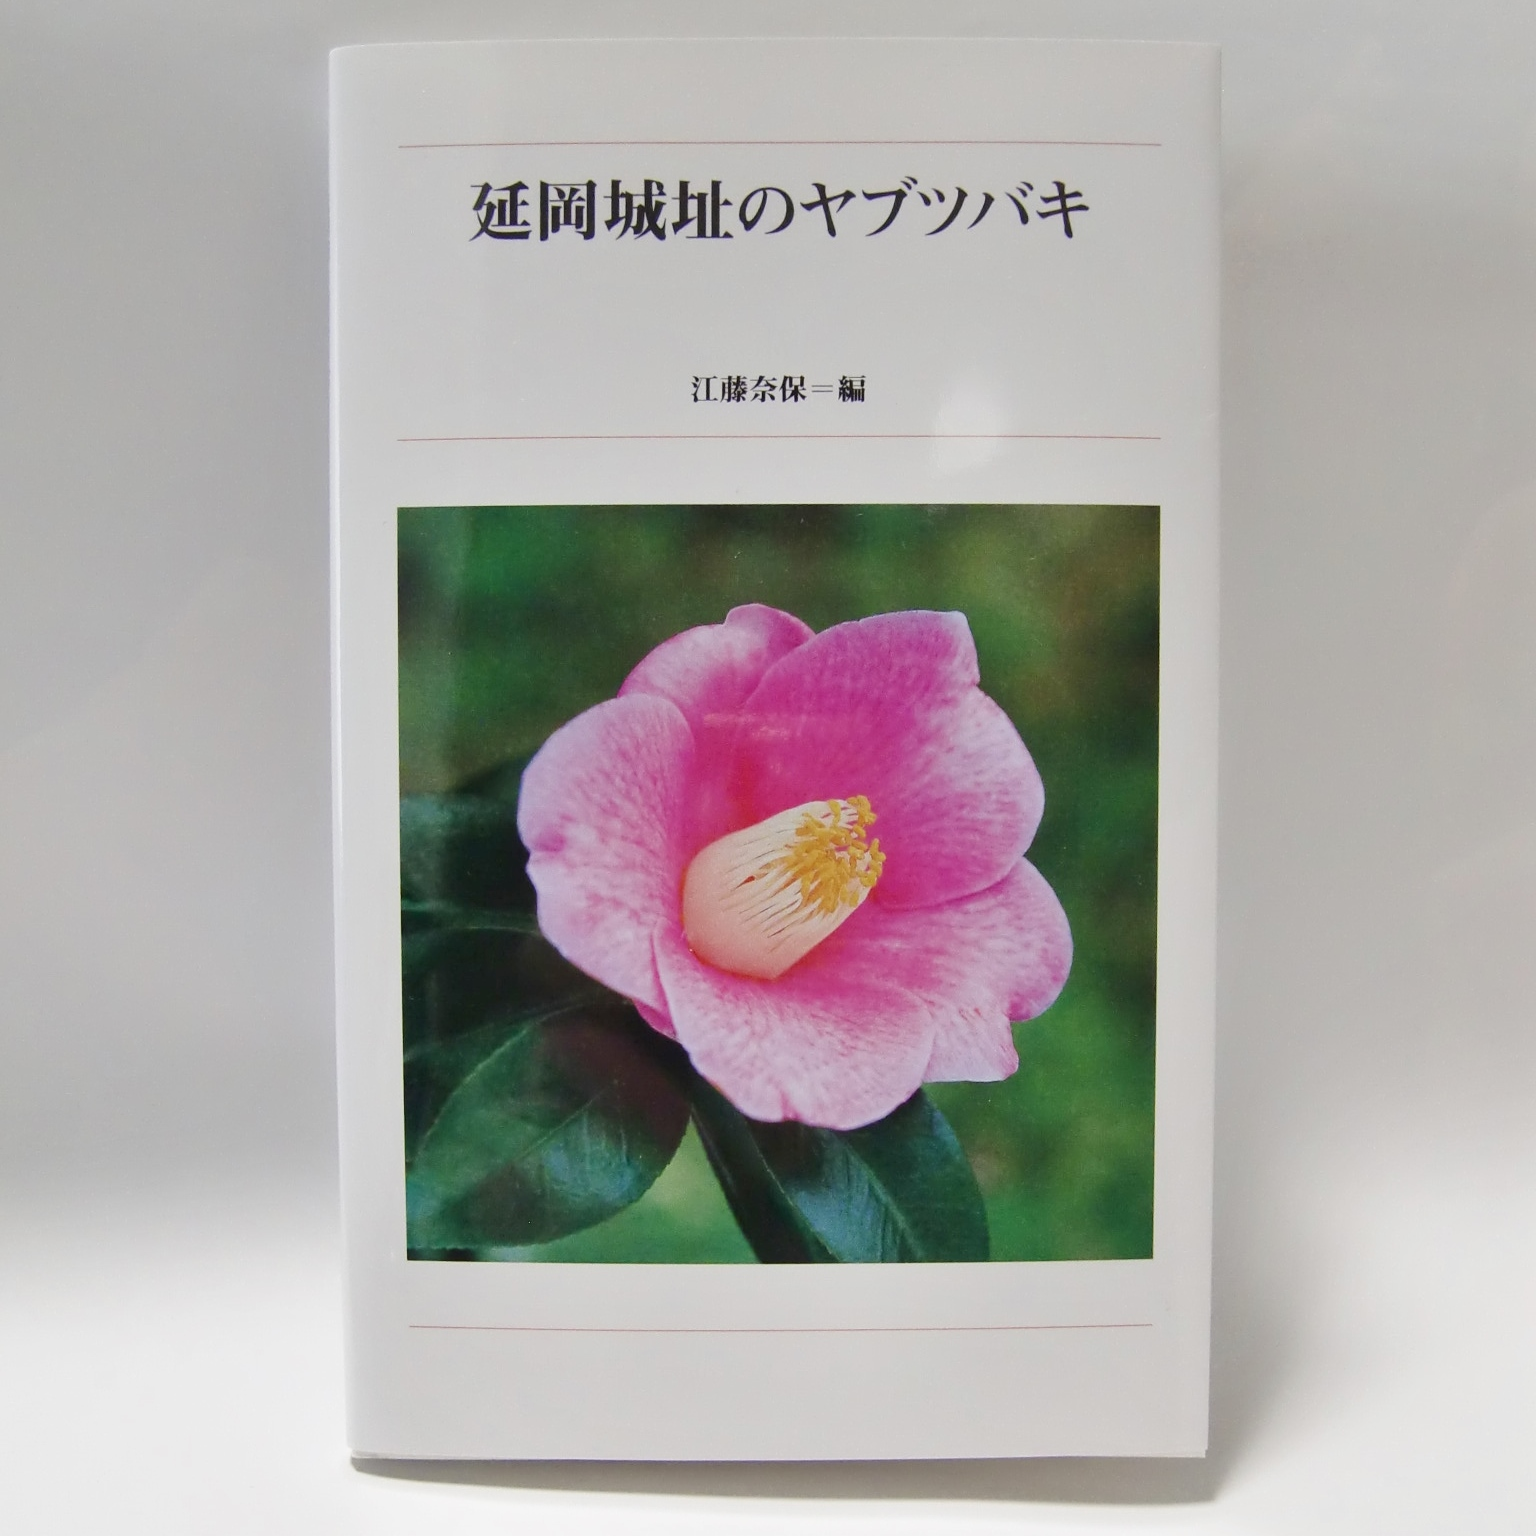 f:id:hikikoma:20170323131204j:plain